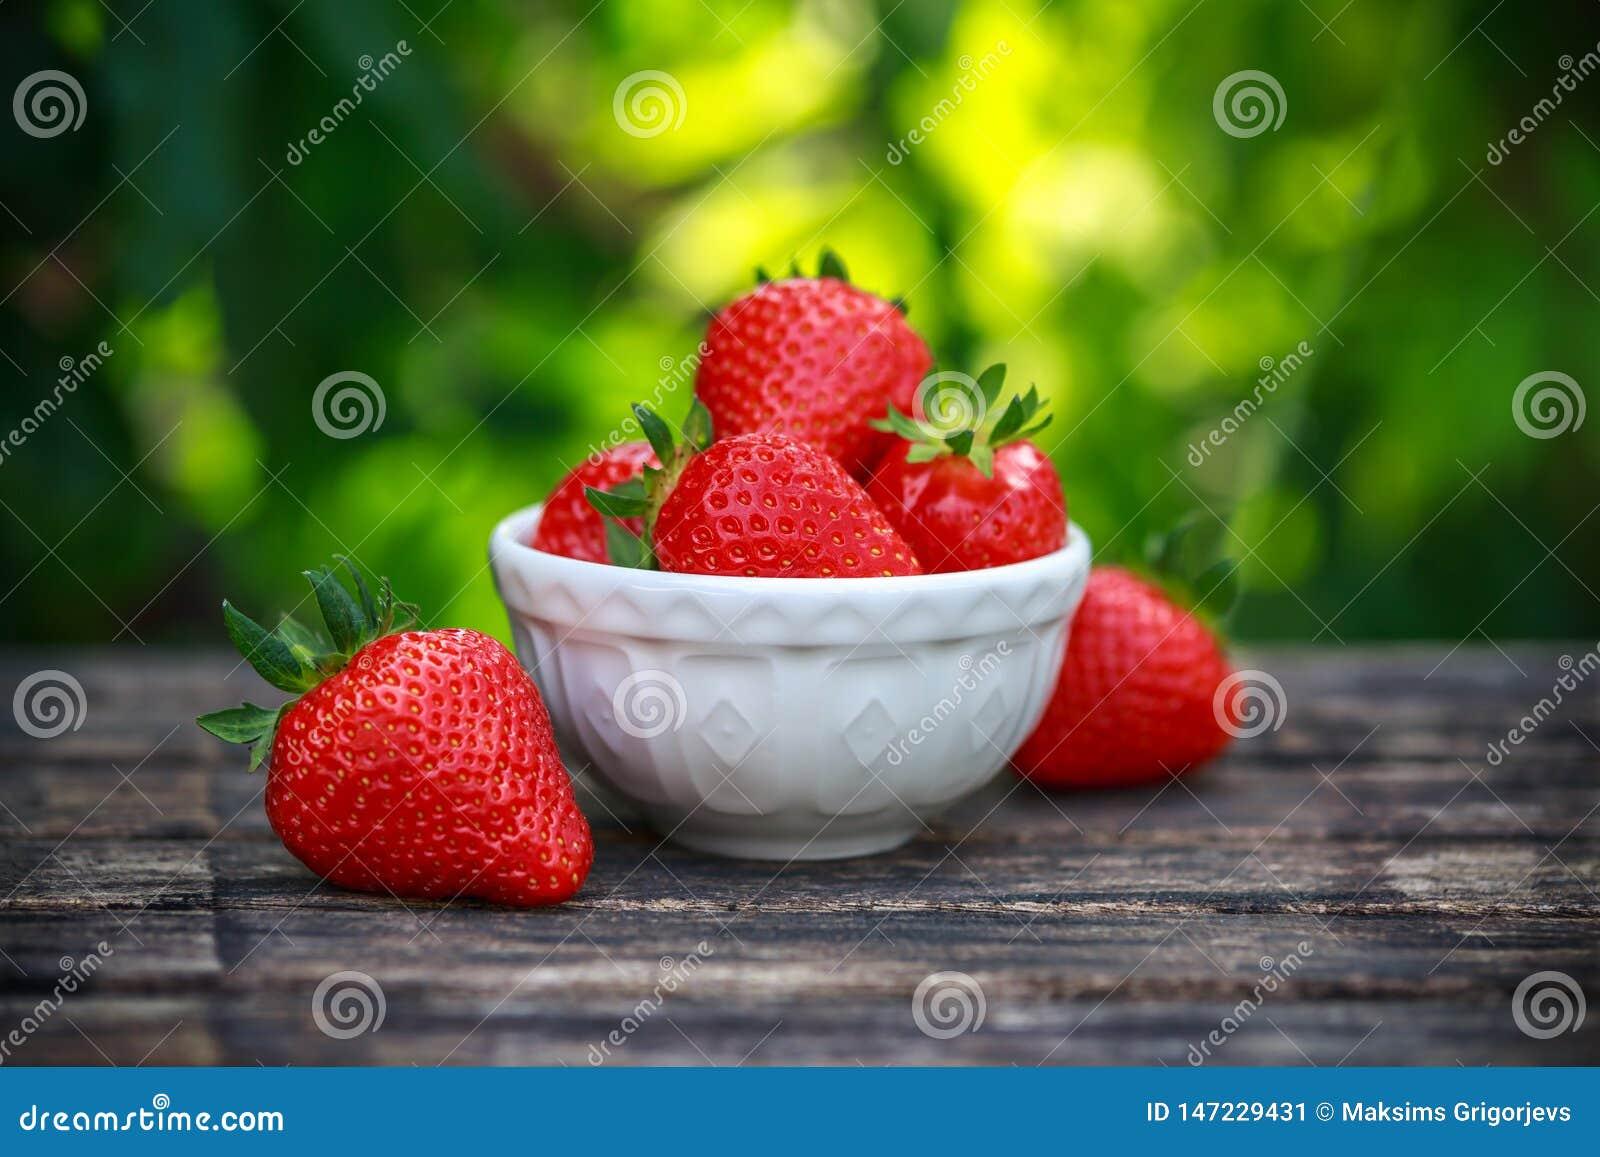 Κύπελλο των φρέσκων φραουλών στον ξύλινο πίνακα στο θερινό κήπο